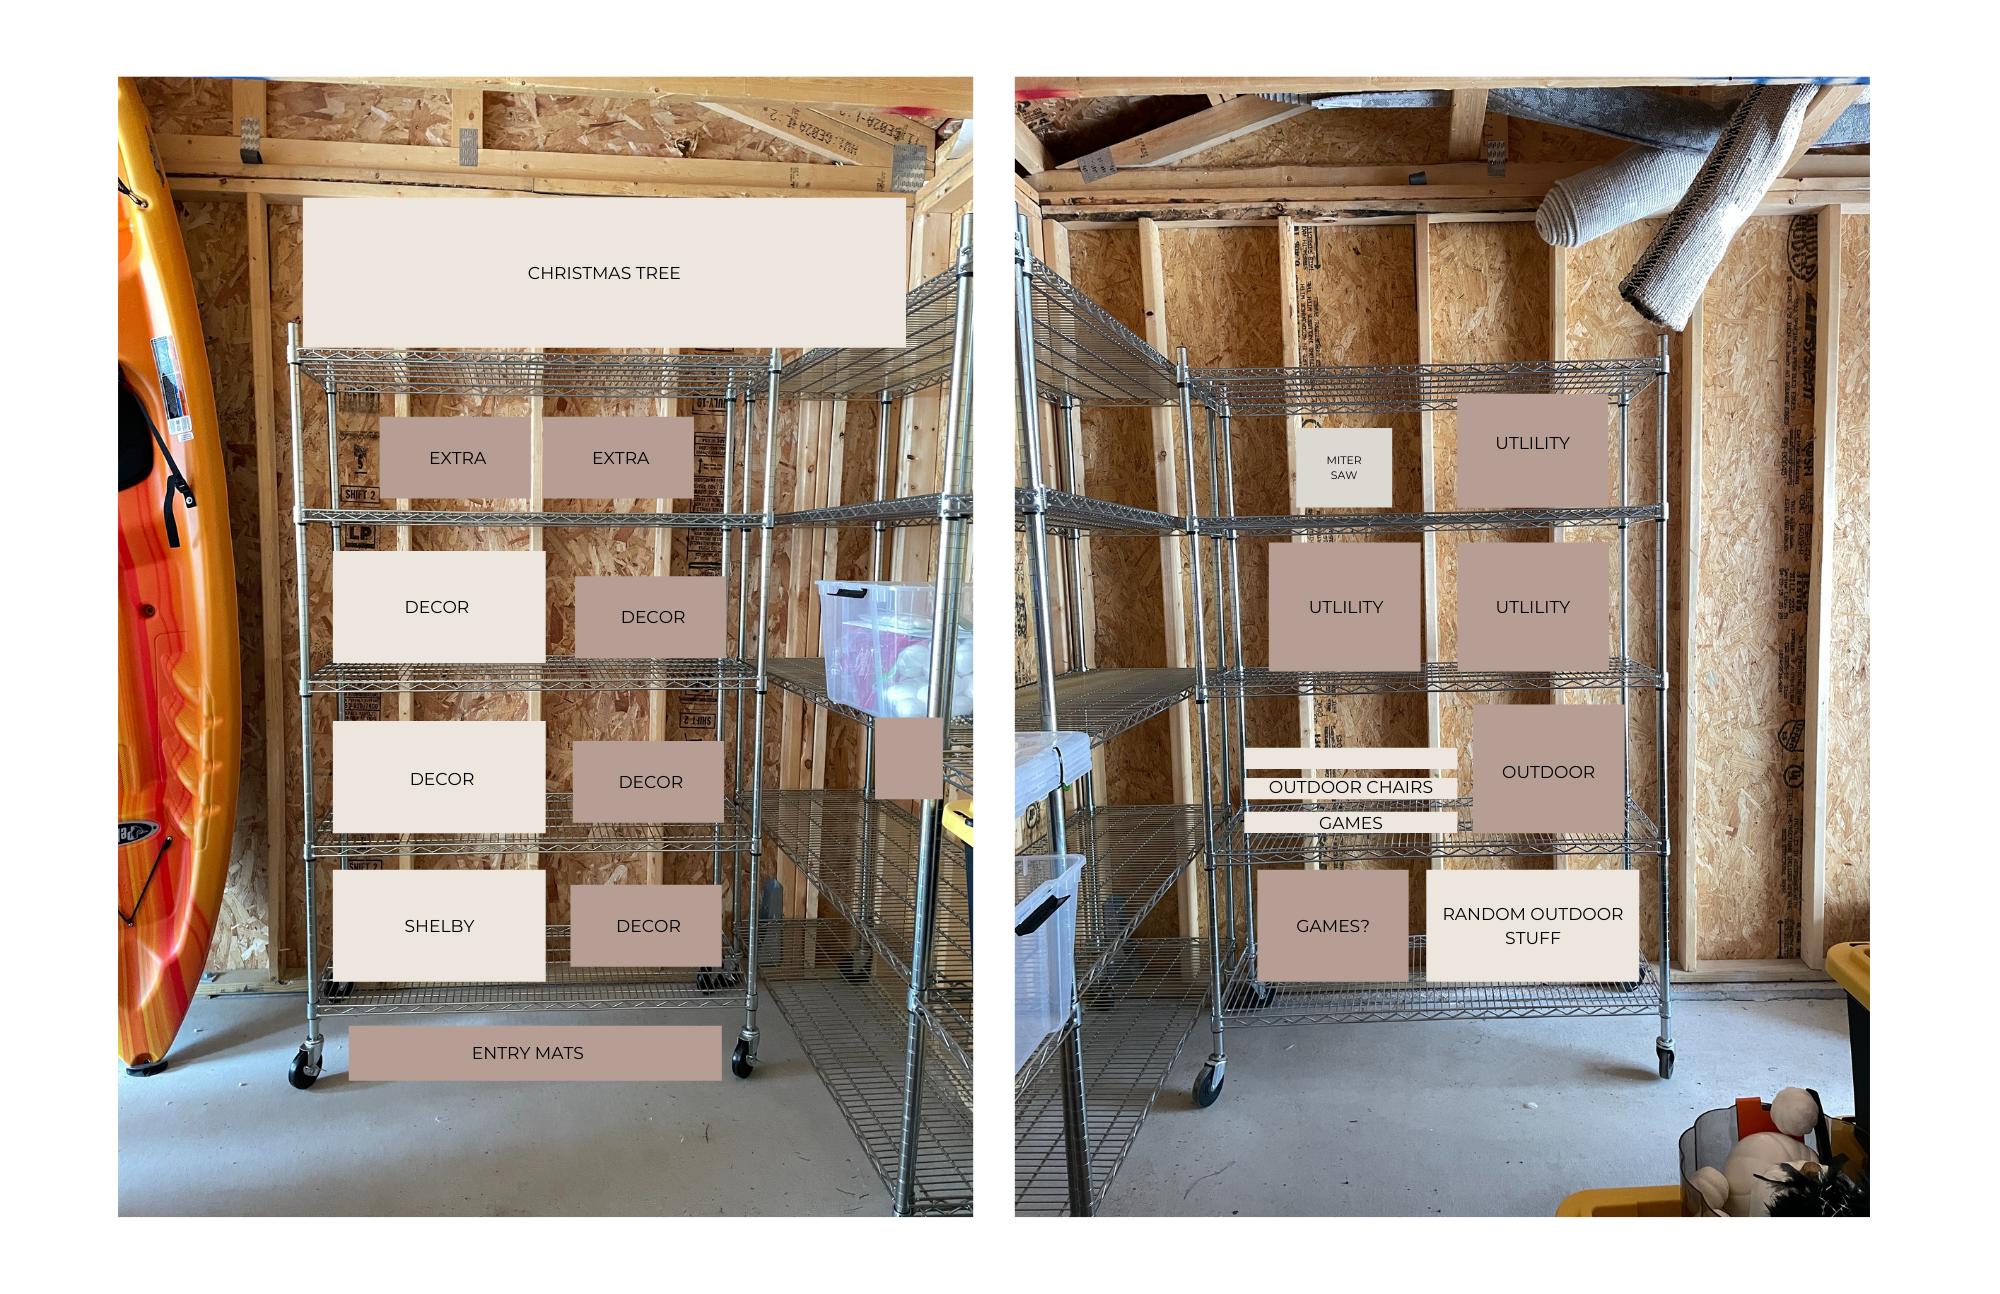 garage organization layout ideas